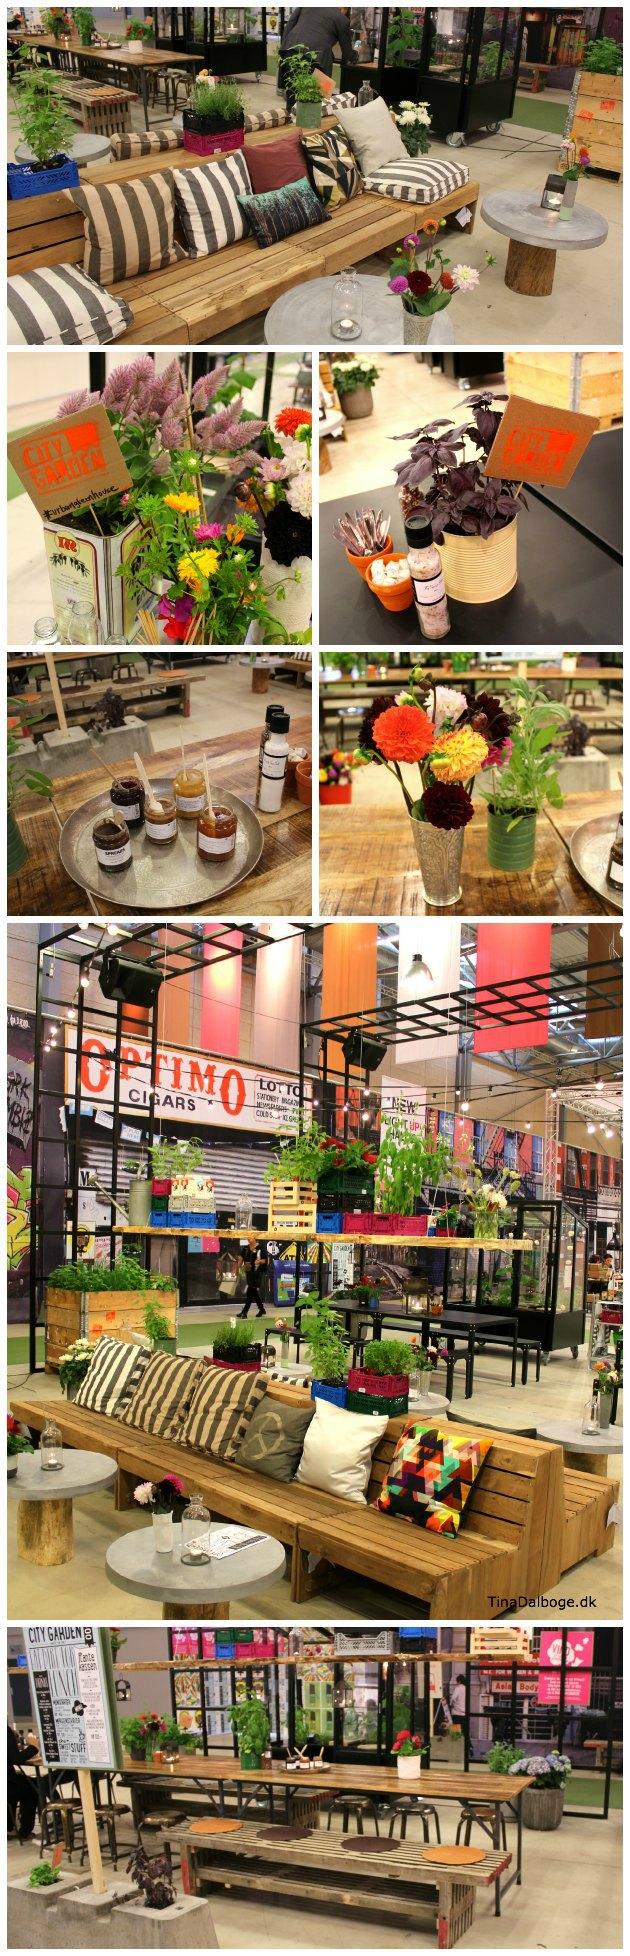 farvetrends-efterår-vinter-2013-Formlandupgrade-Anette-Eckmann-Urban-Garden-caféområde